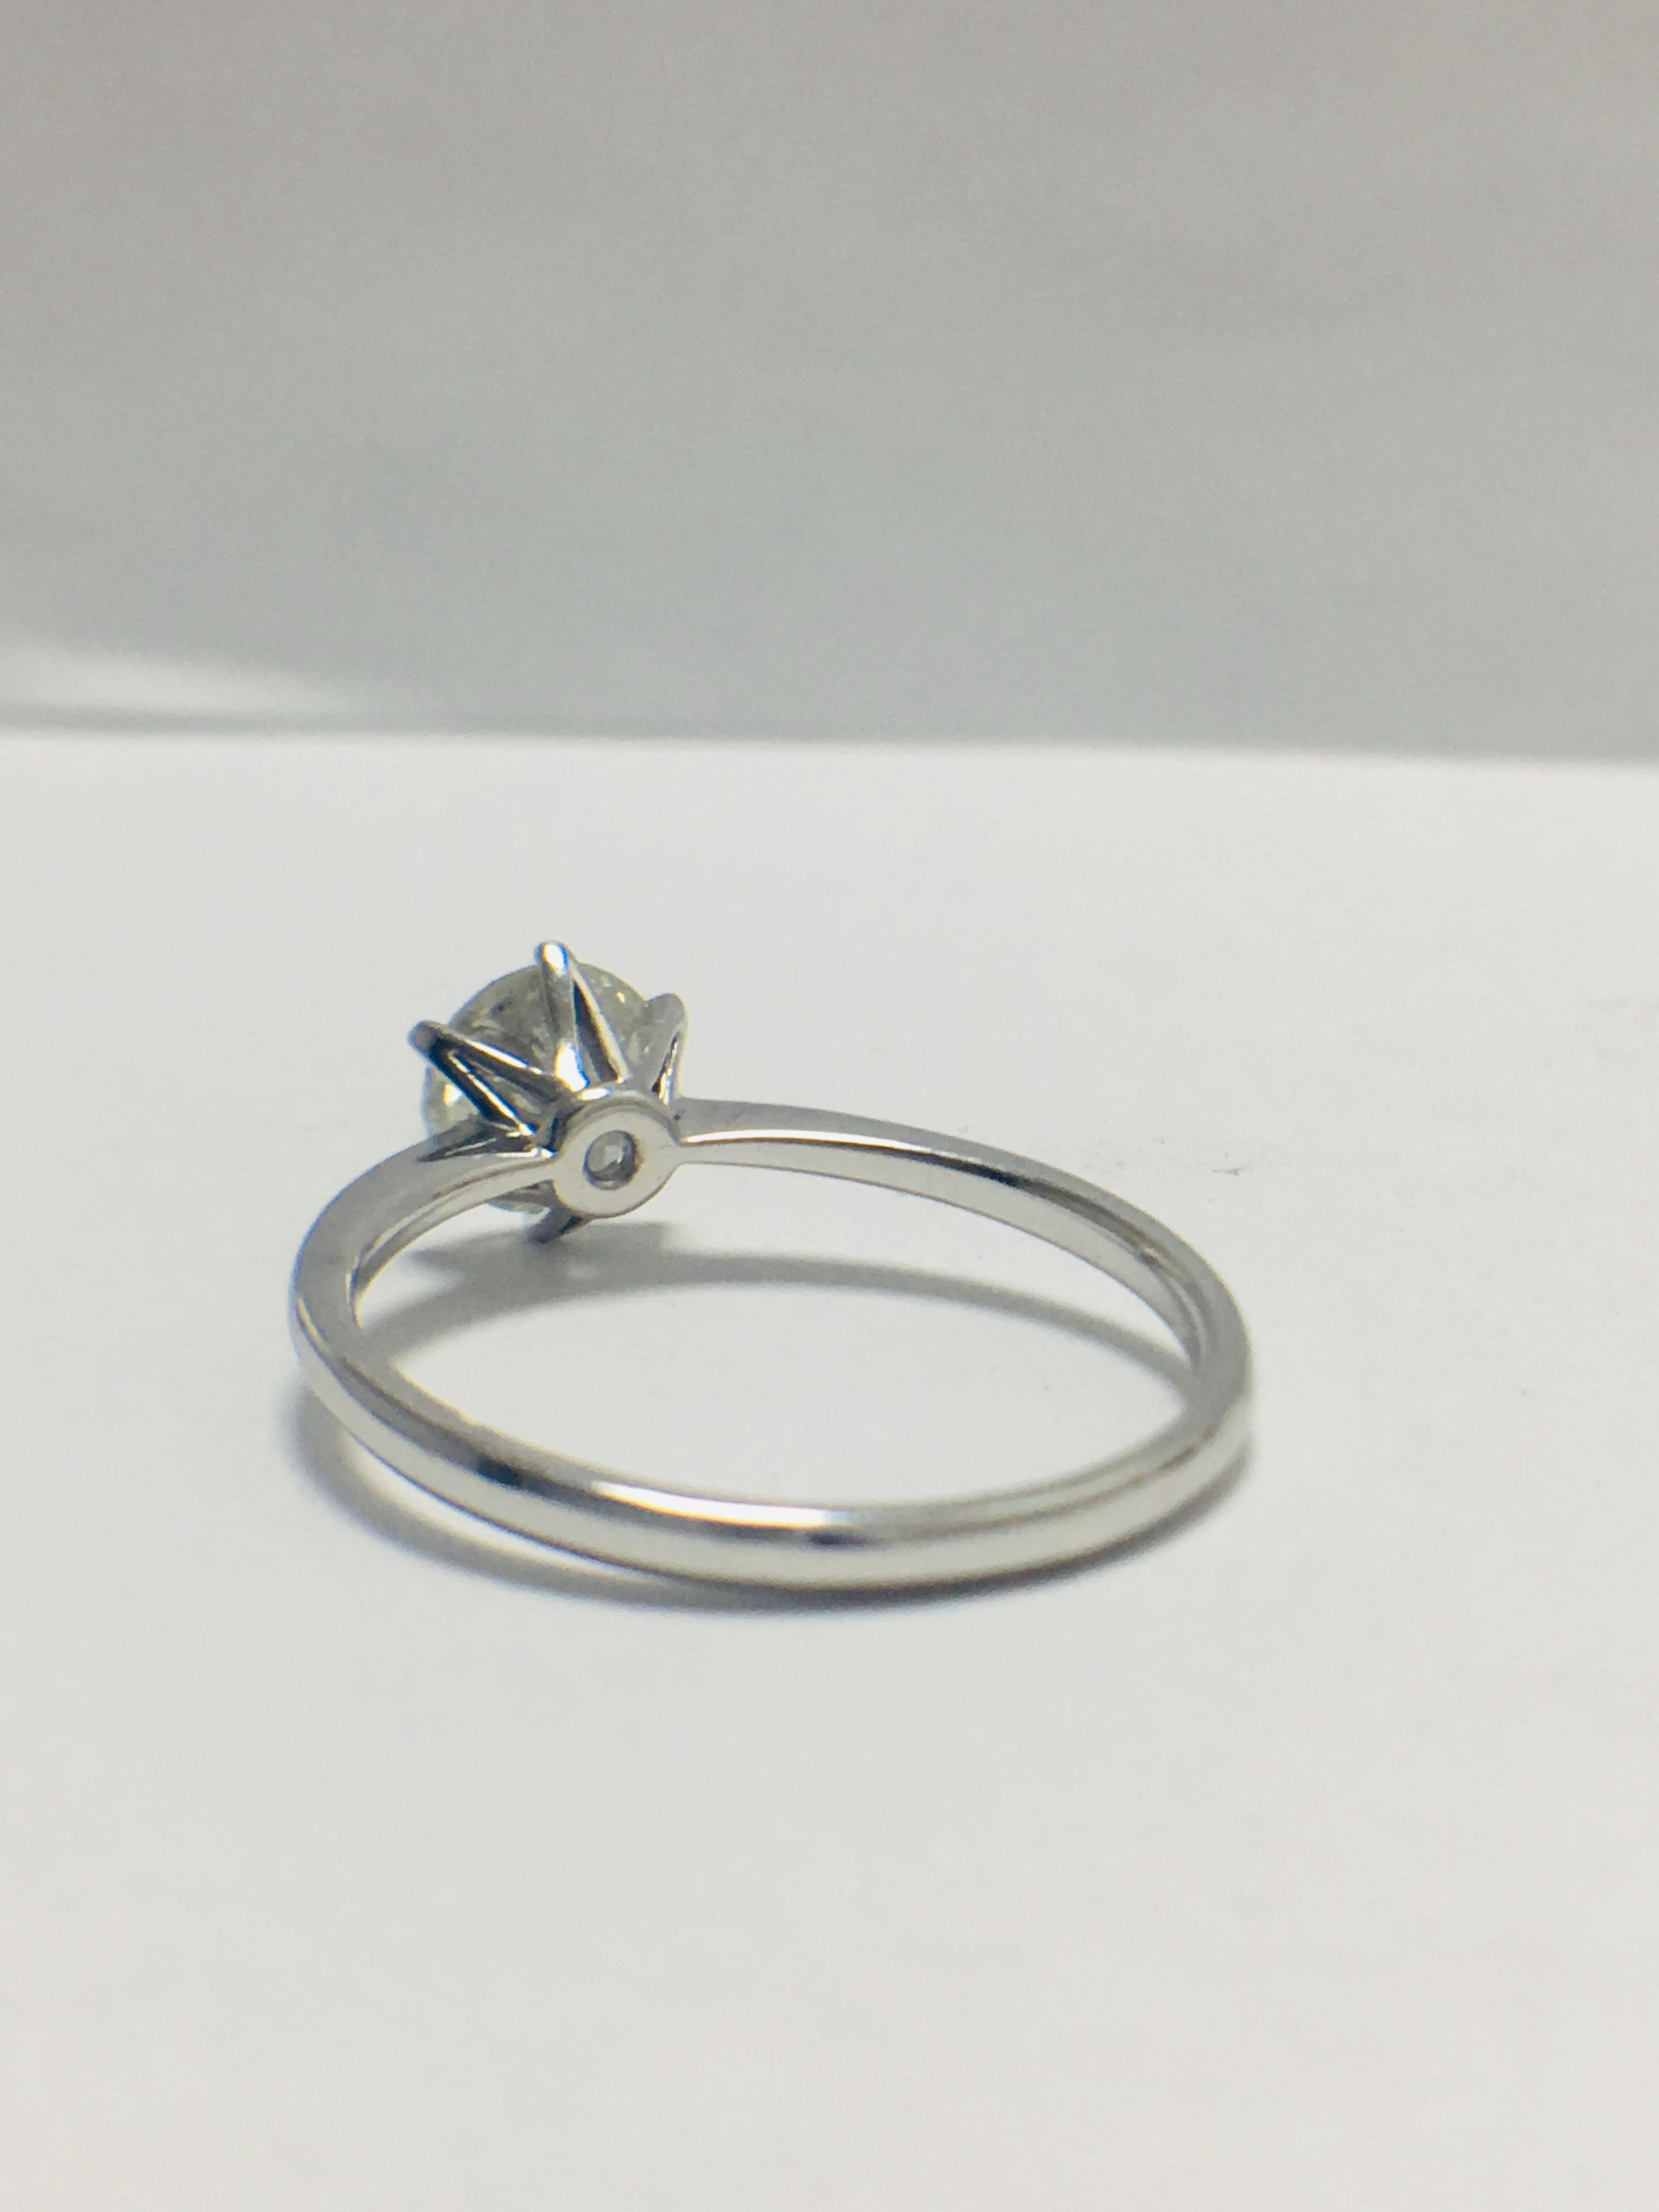 1ct platinum Diamond solitaire ring - Image 4 of 10